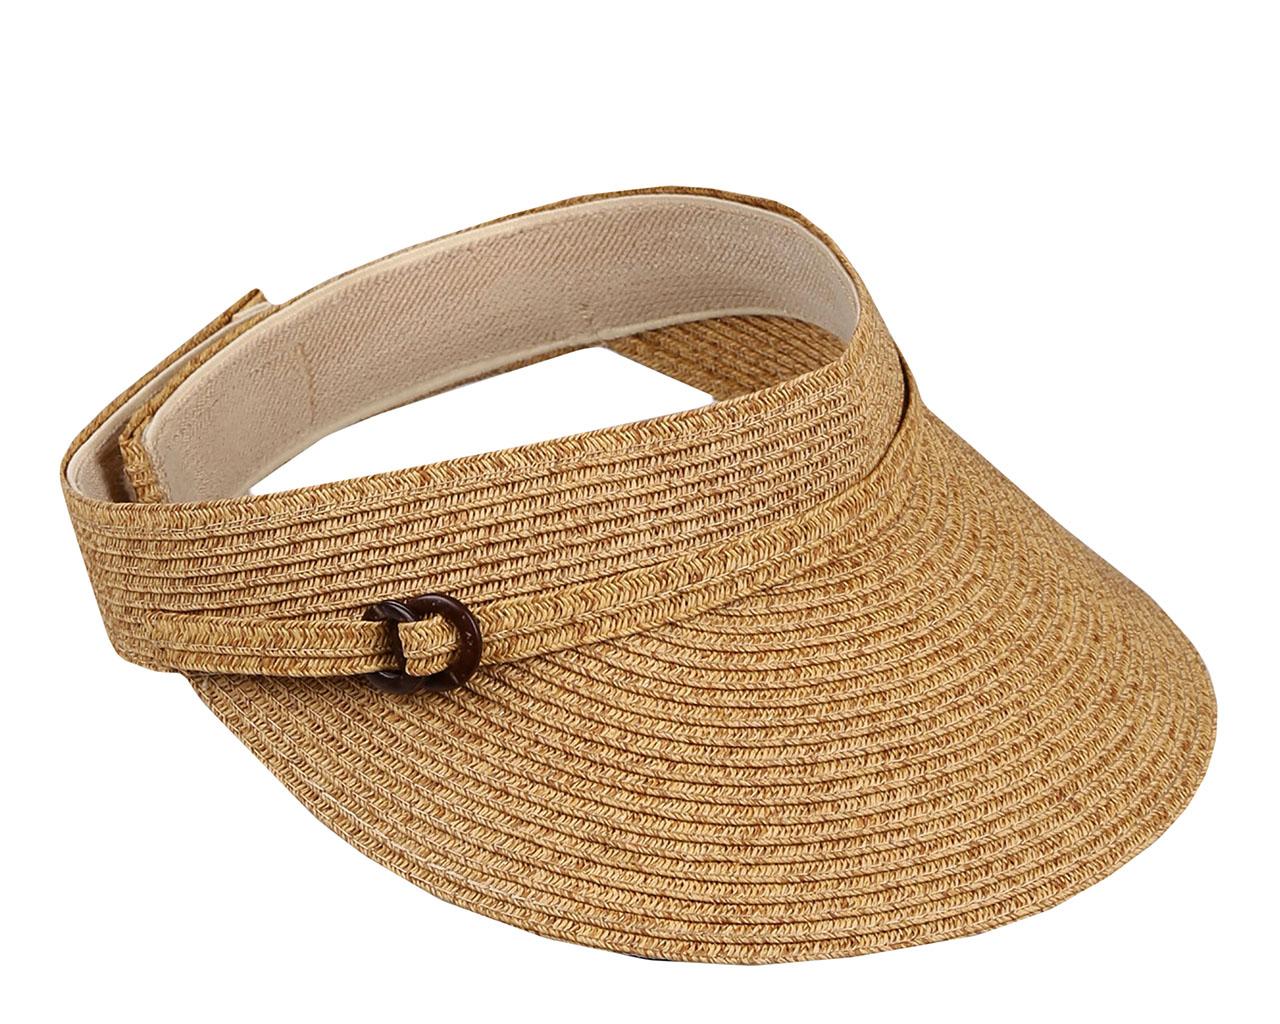 ШляпаG1-1 BEIGEСтильная шляпа от Fabretti для пляжного отдыха и прогулок в солнечные дни.